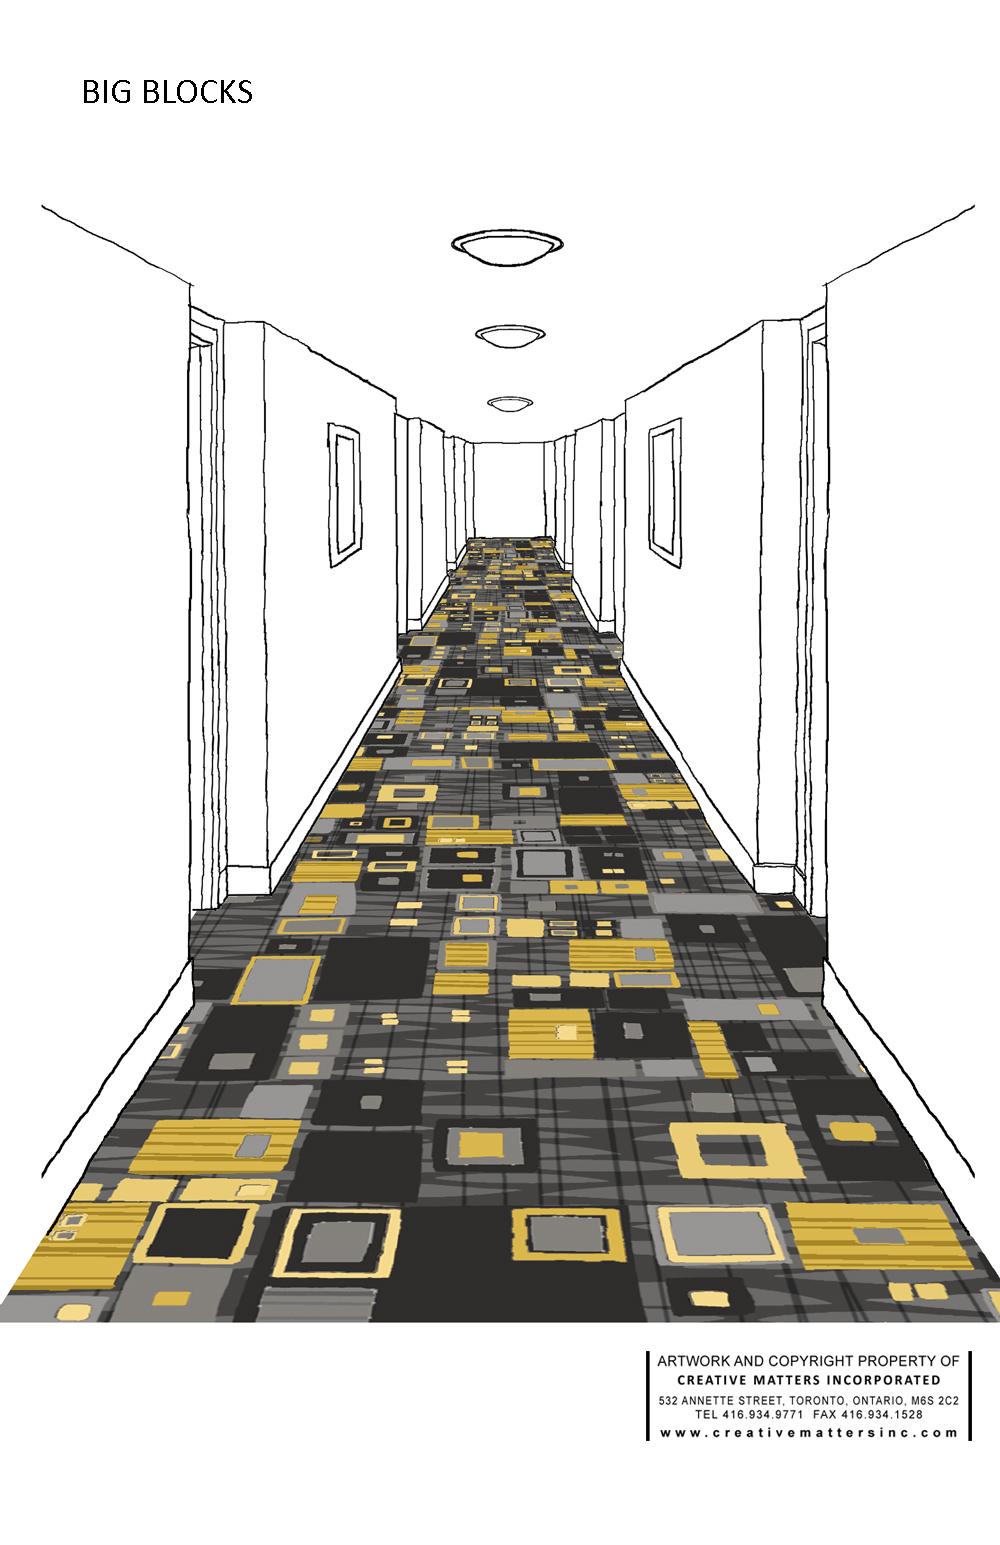 URBAN COLLECTION - BIG BLOCKS BY CMI DESIGNER ERIN DEMILLE